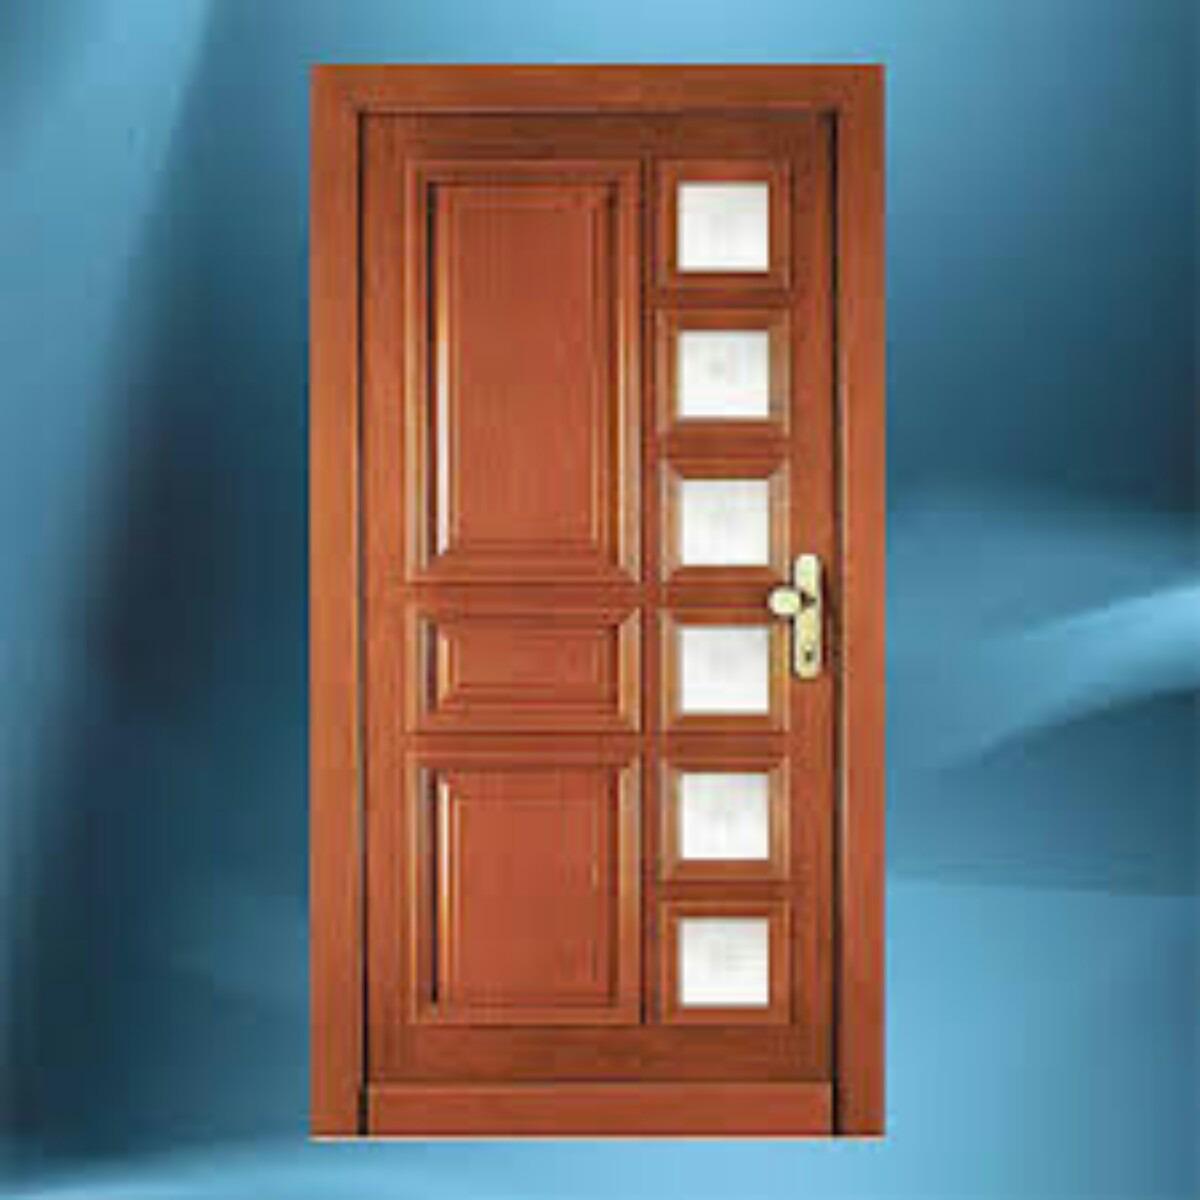 Muebles de cosina y closets puertas u s 28 00 en mercado - Puertas para muebles ...